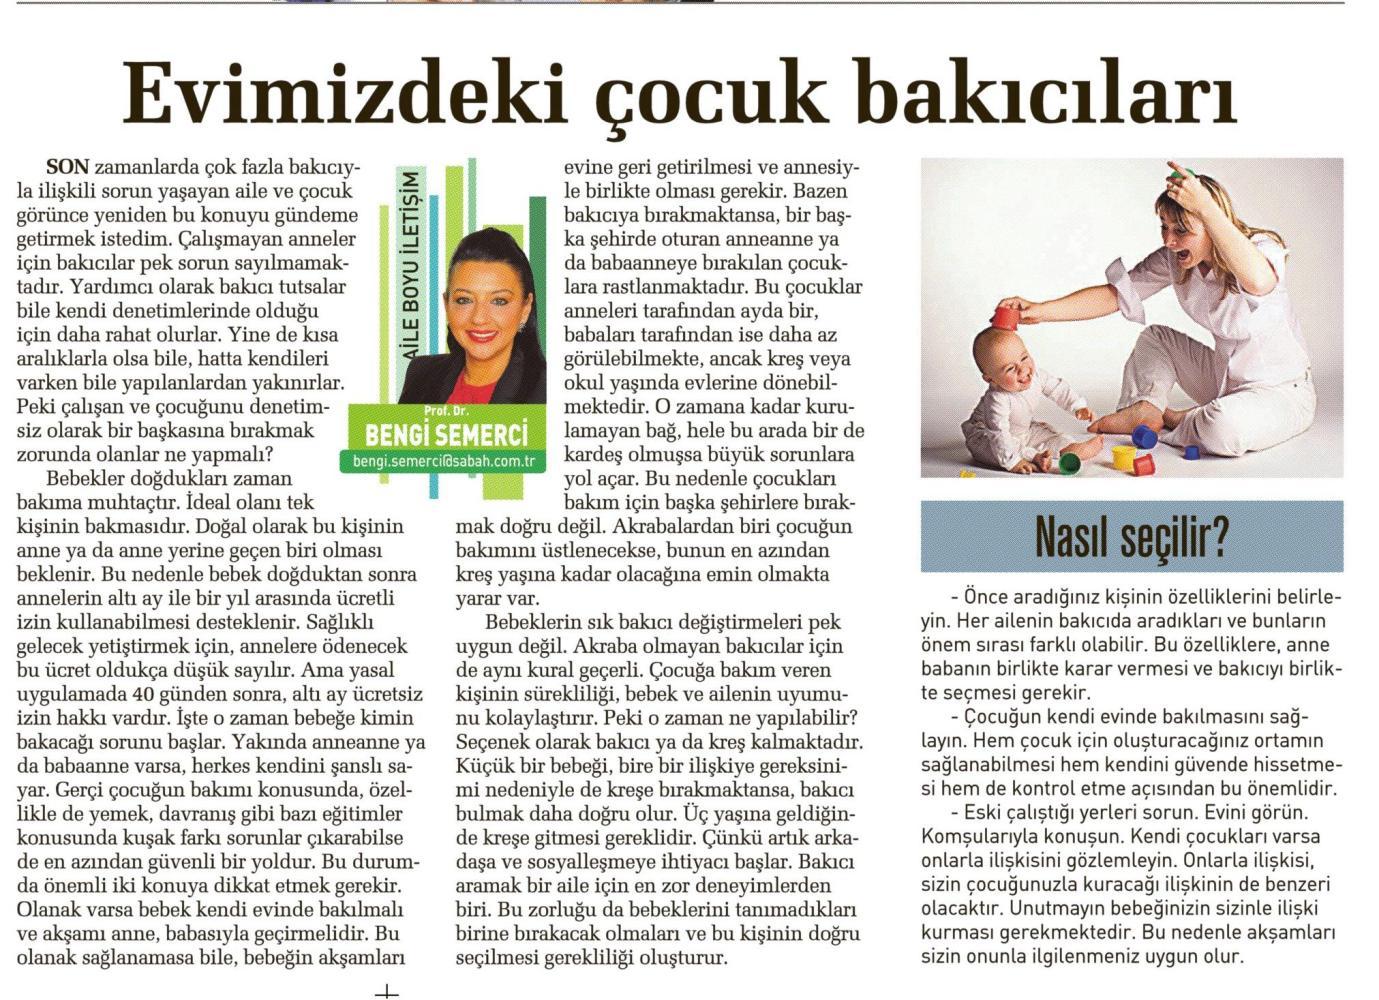 Evimizdeki Çocuk Bakıcıları - SABAH CUMARTESİ  28.06.2014